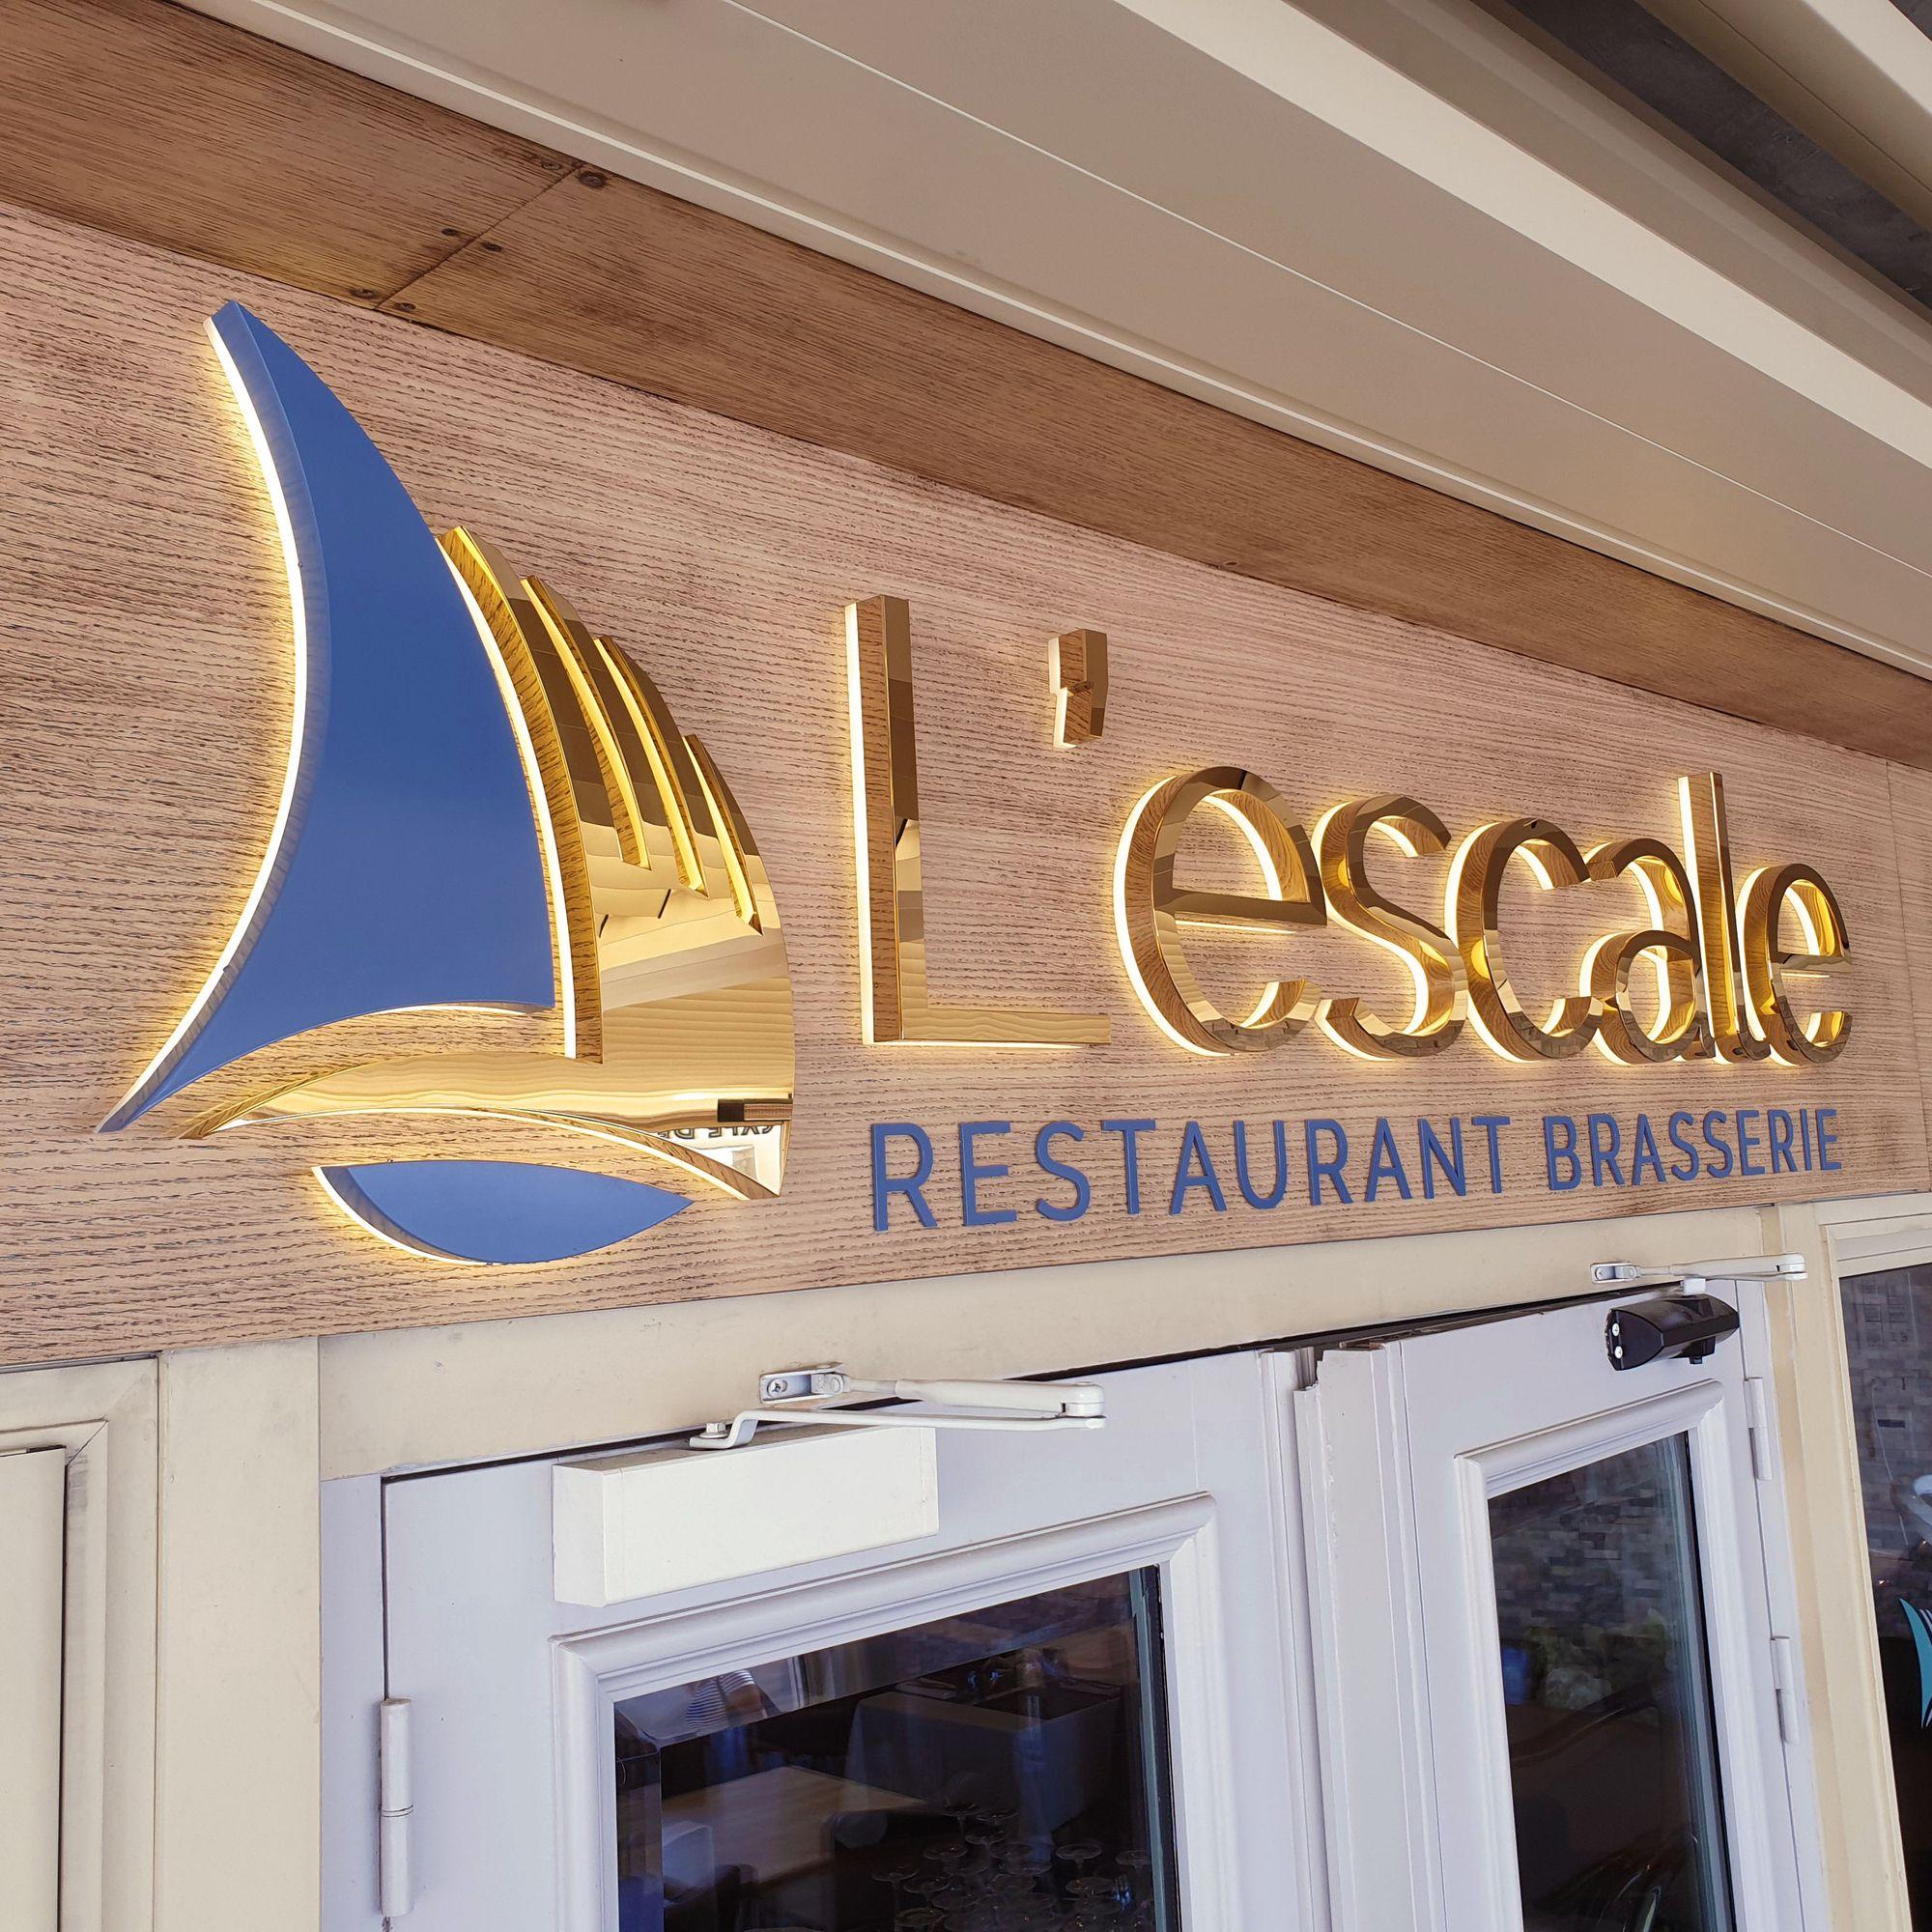 Le Restaurant L Escale A Antibes Faisait Peau Neuve Et Souhaitait Une Enseigne Representant Son Logo Dans Un Esprit Moderne Et Logo Bateau Inox Esprit Moderne